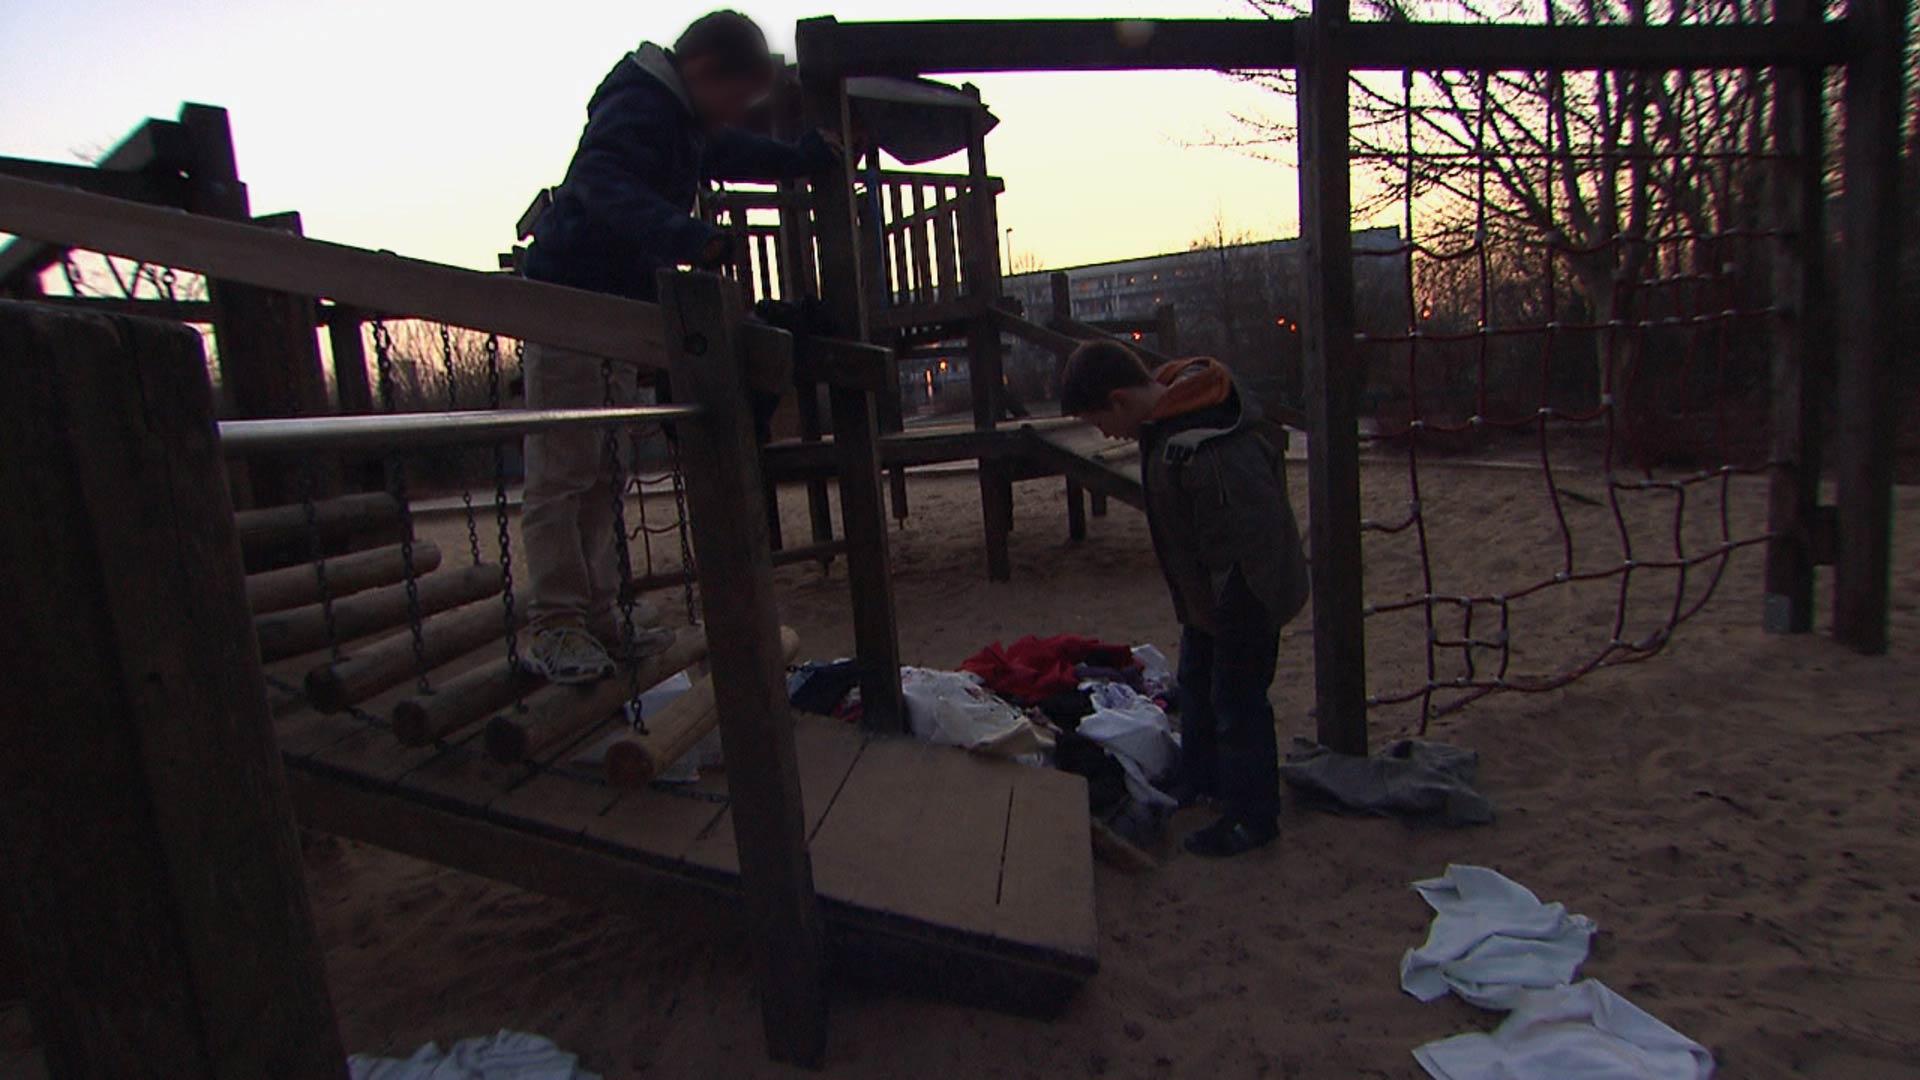 Junge findet abends ein Kleiderdepot auf einem Spielplatz